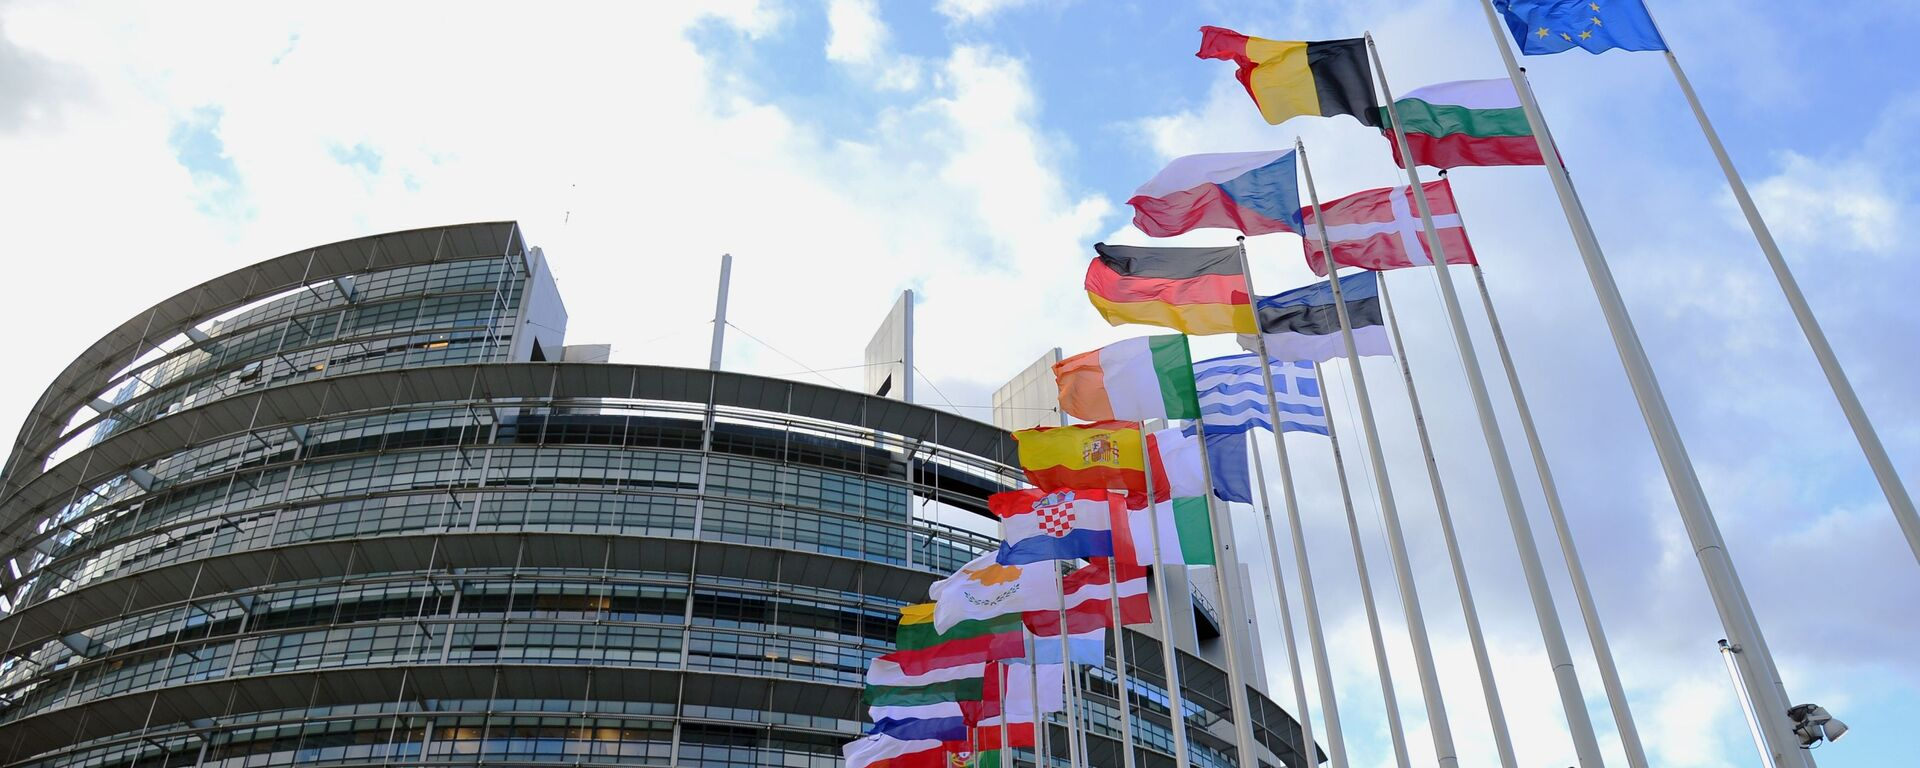 Flagi krajów UE przed budynkiem Parlamentu Europejskiego w Strasburgu. - Sputnik Polska, 1920, 12.03.2021